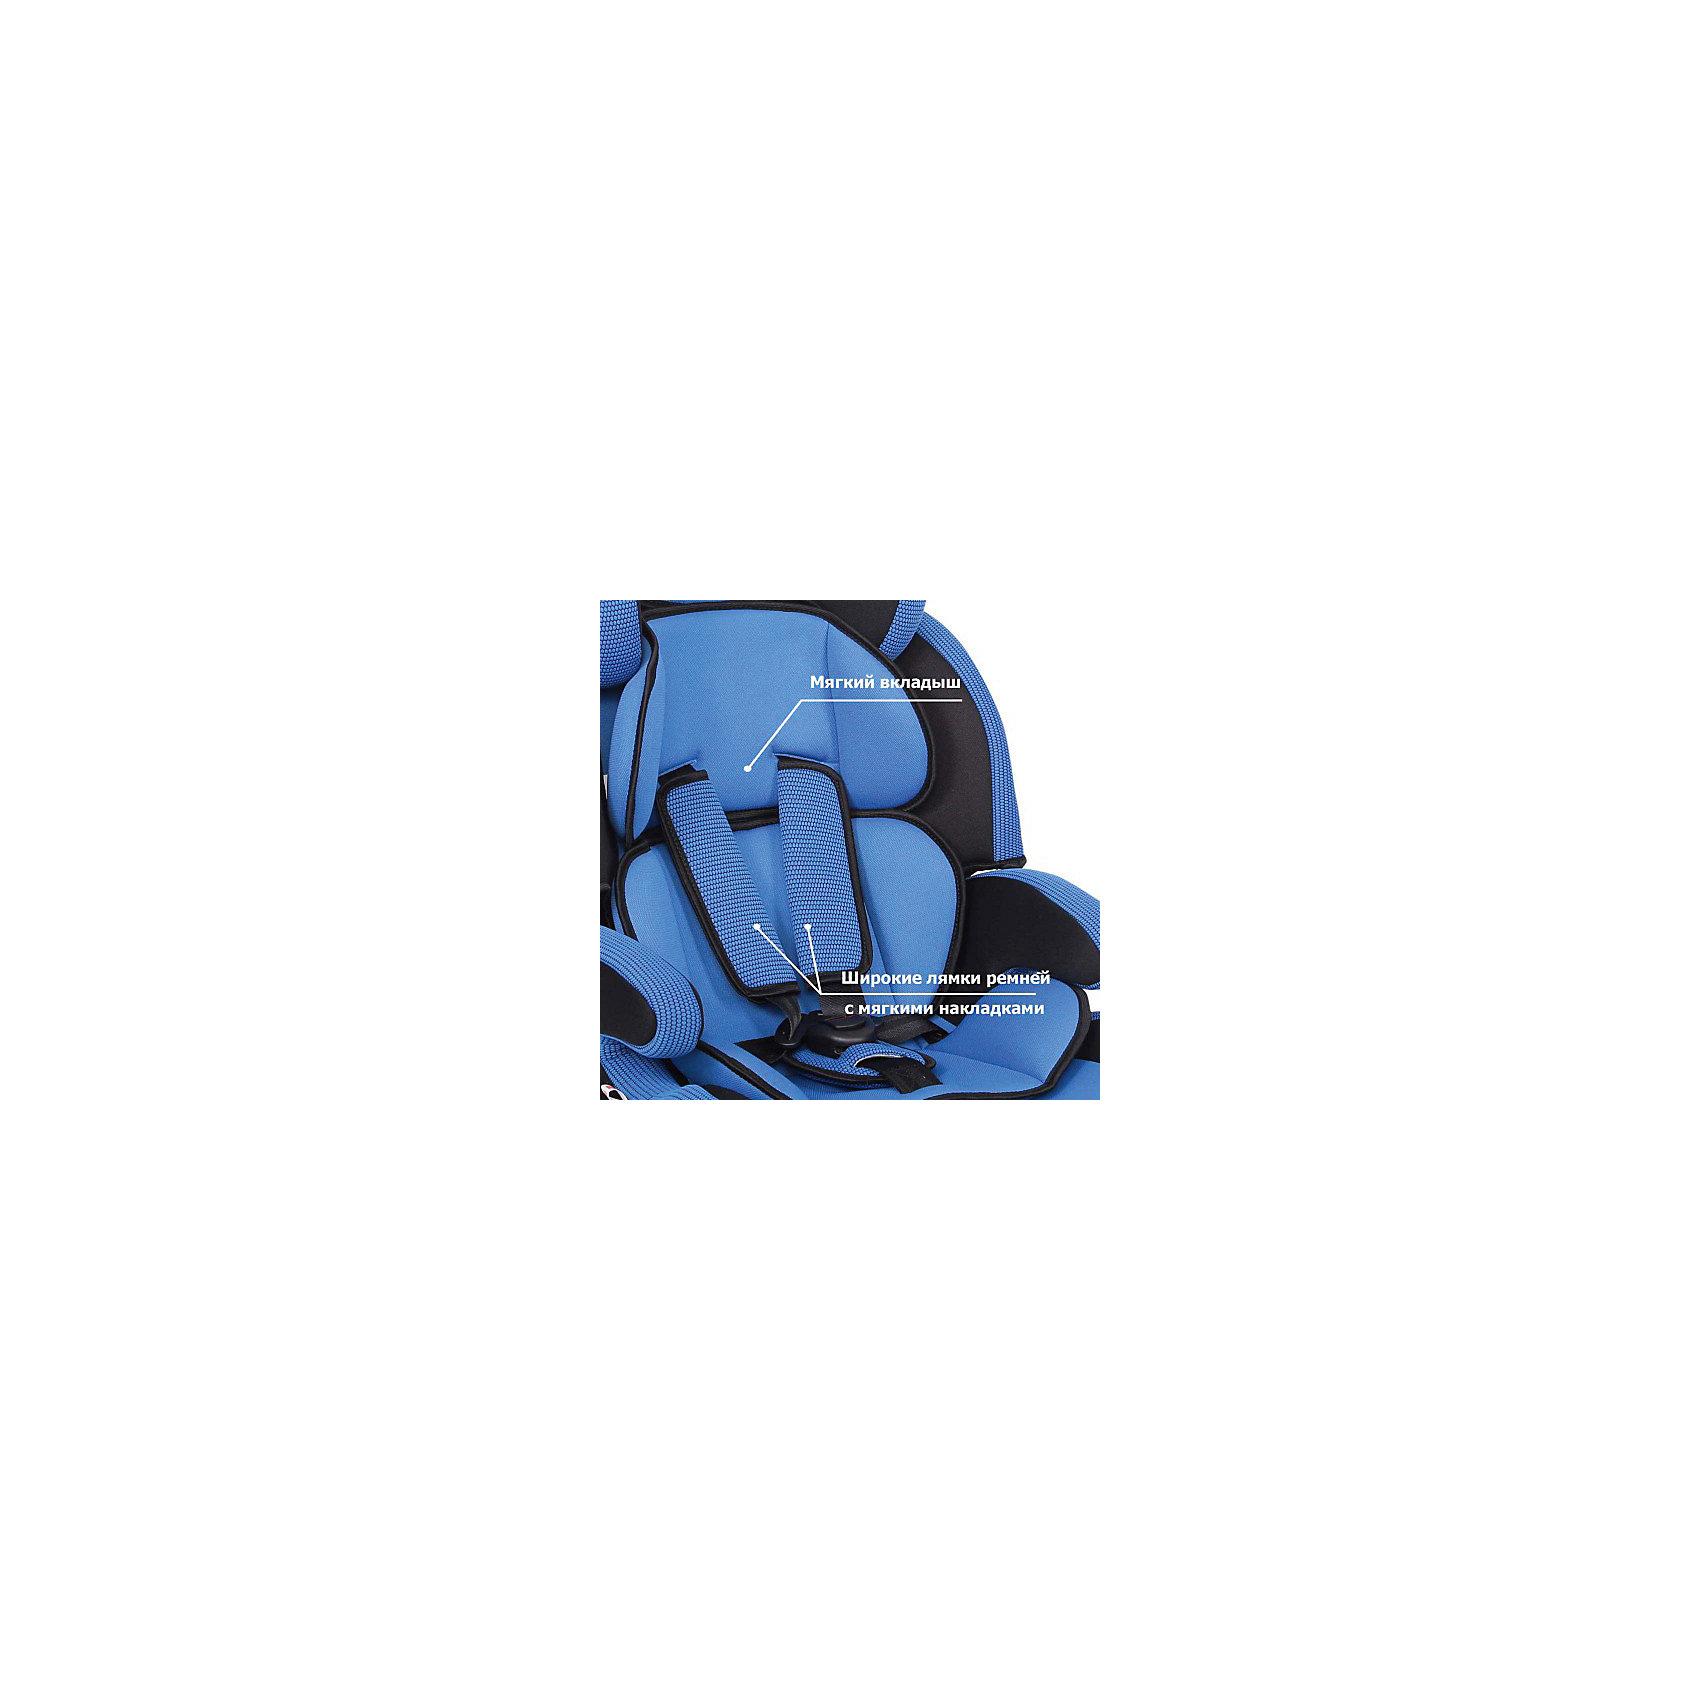 Автокресло Siger Стар, 9-36 кг, синий